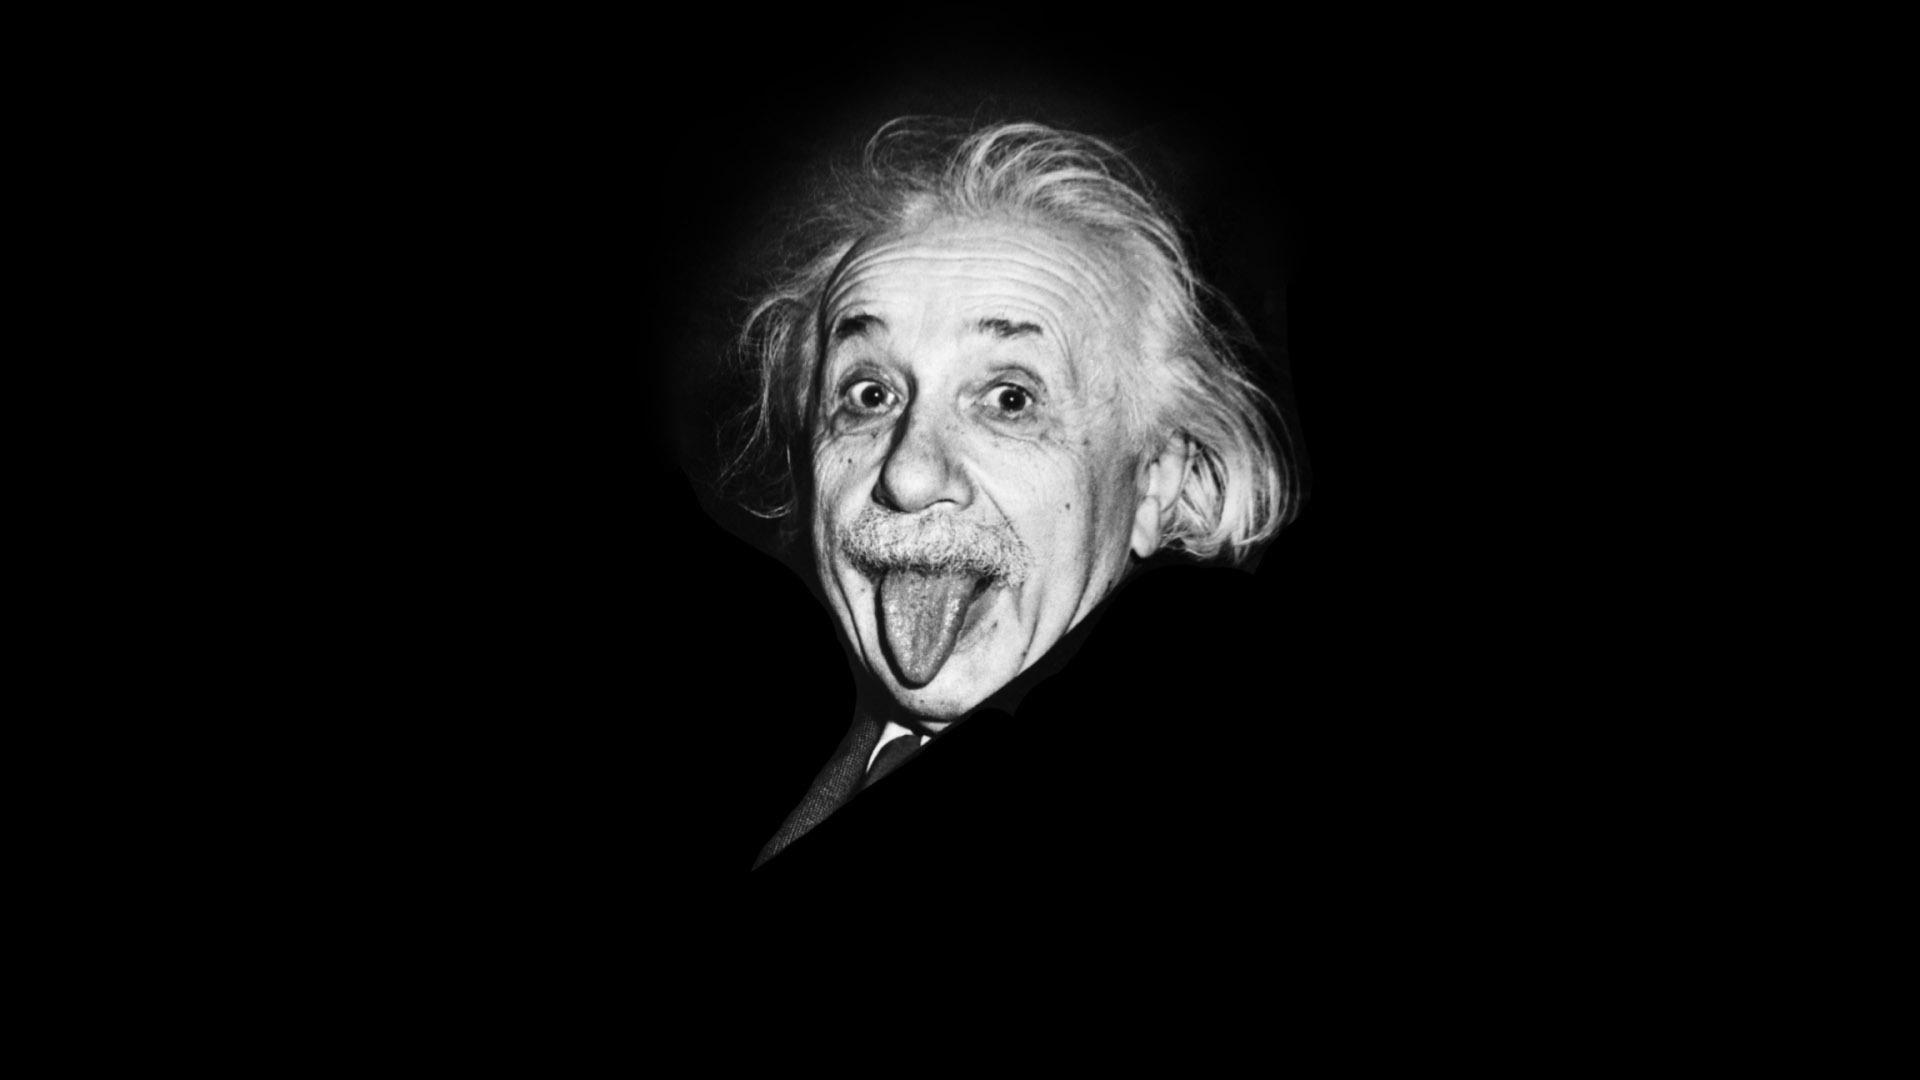 мужчины любят фото на фоне эйнштейна стала